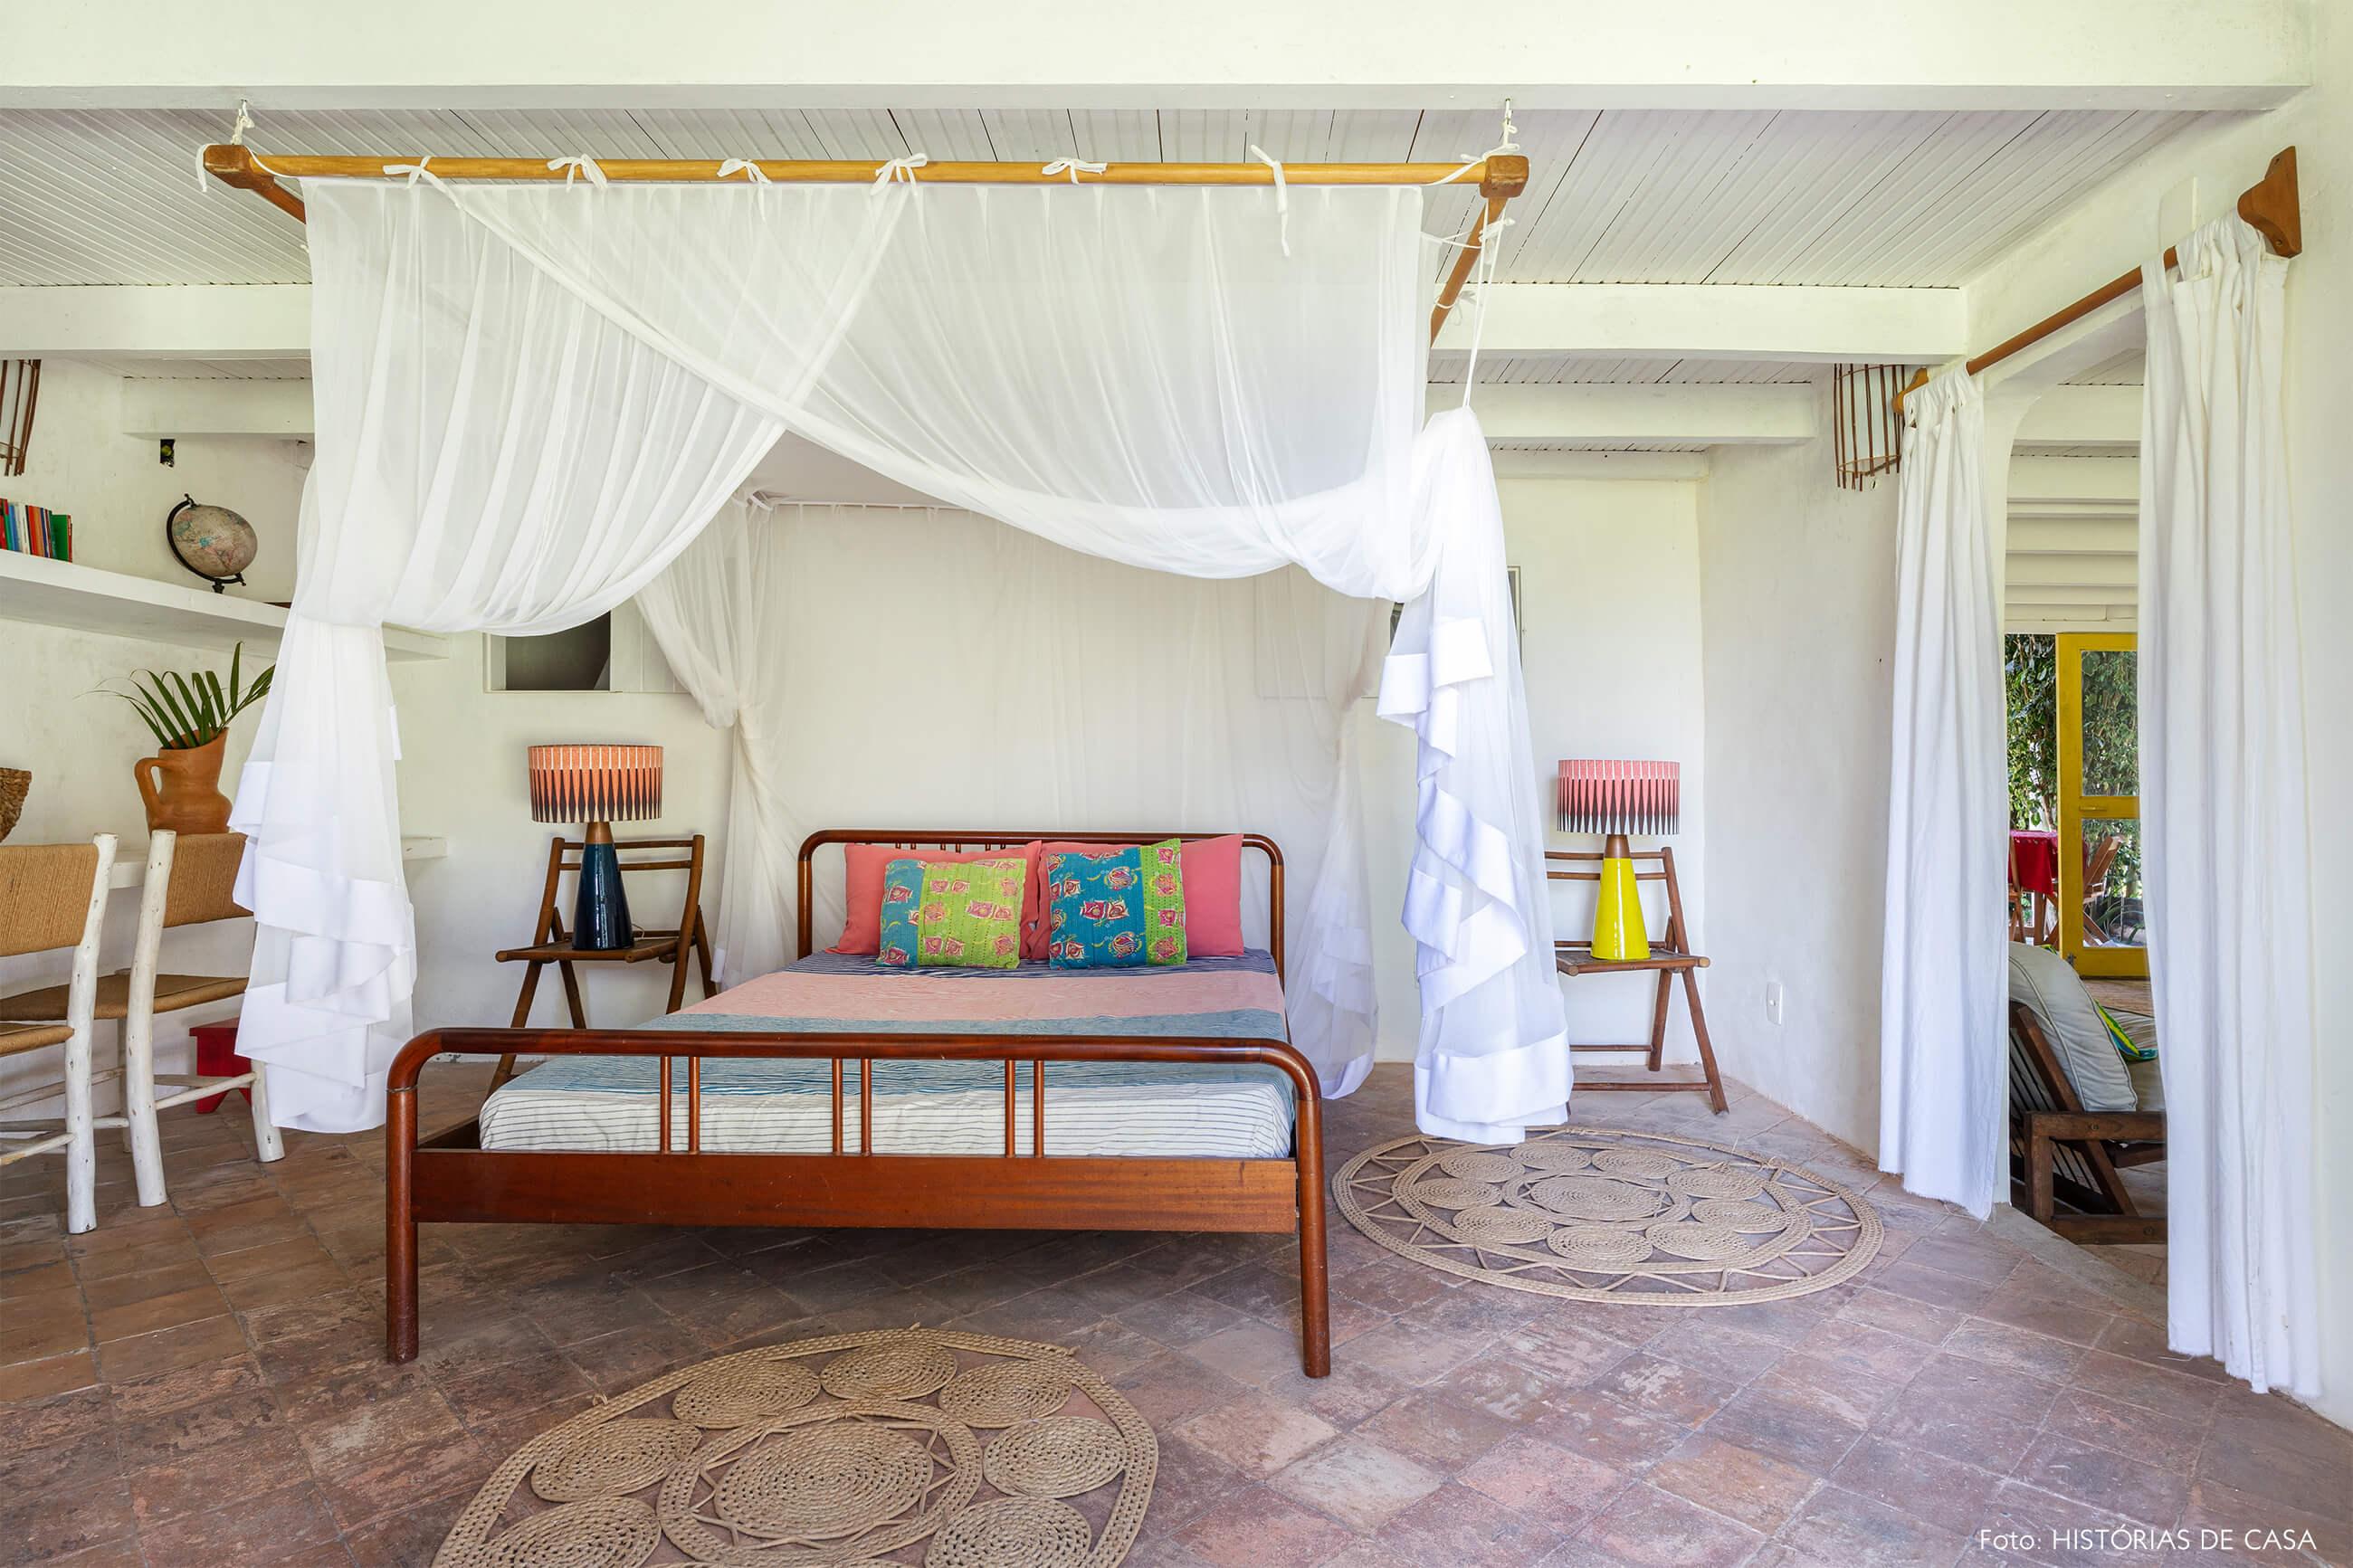 flavia-decoração-trancoso-quarto-com-moveis-de-madeira-e-tenda-branca